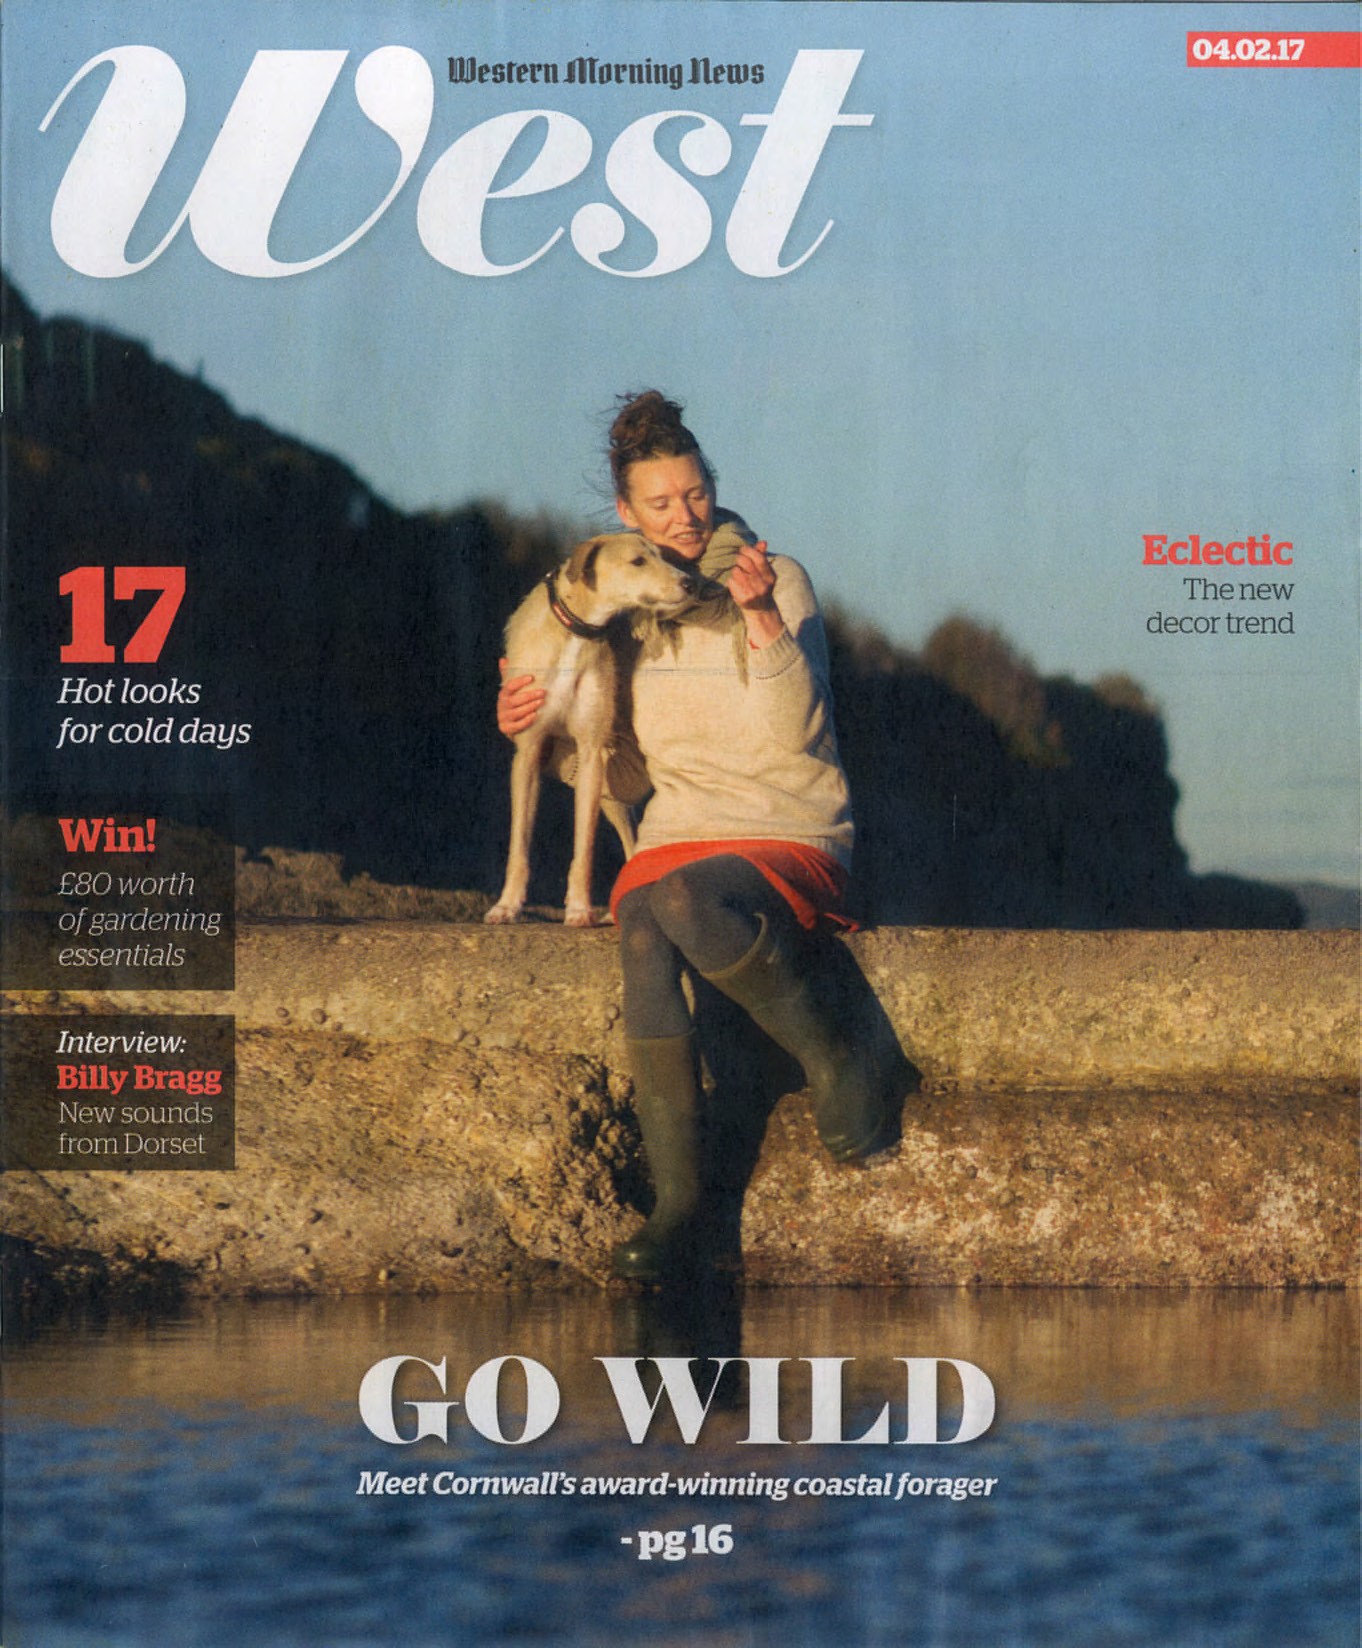 West Magazine, February 2017